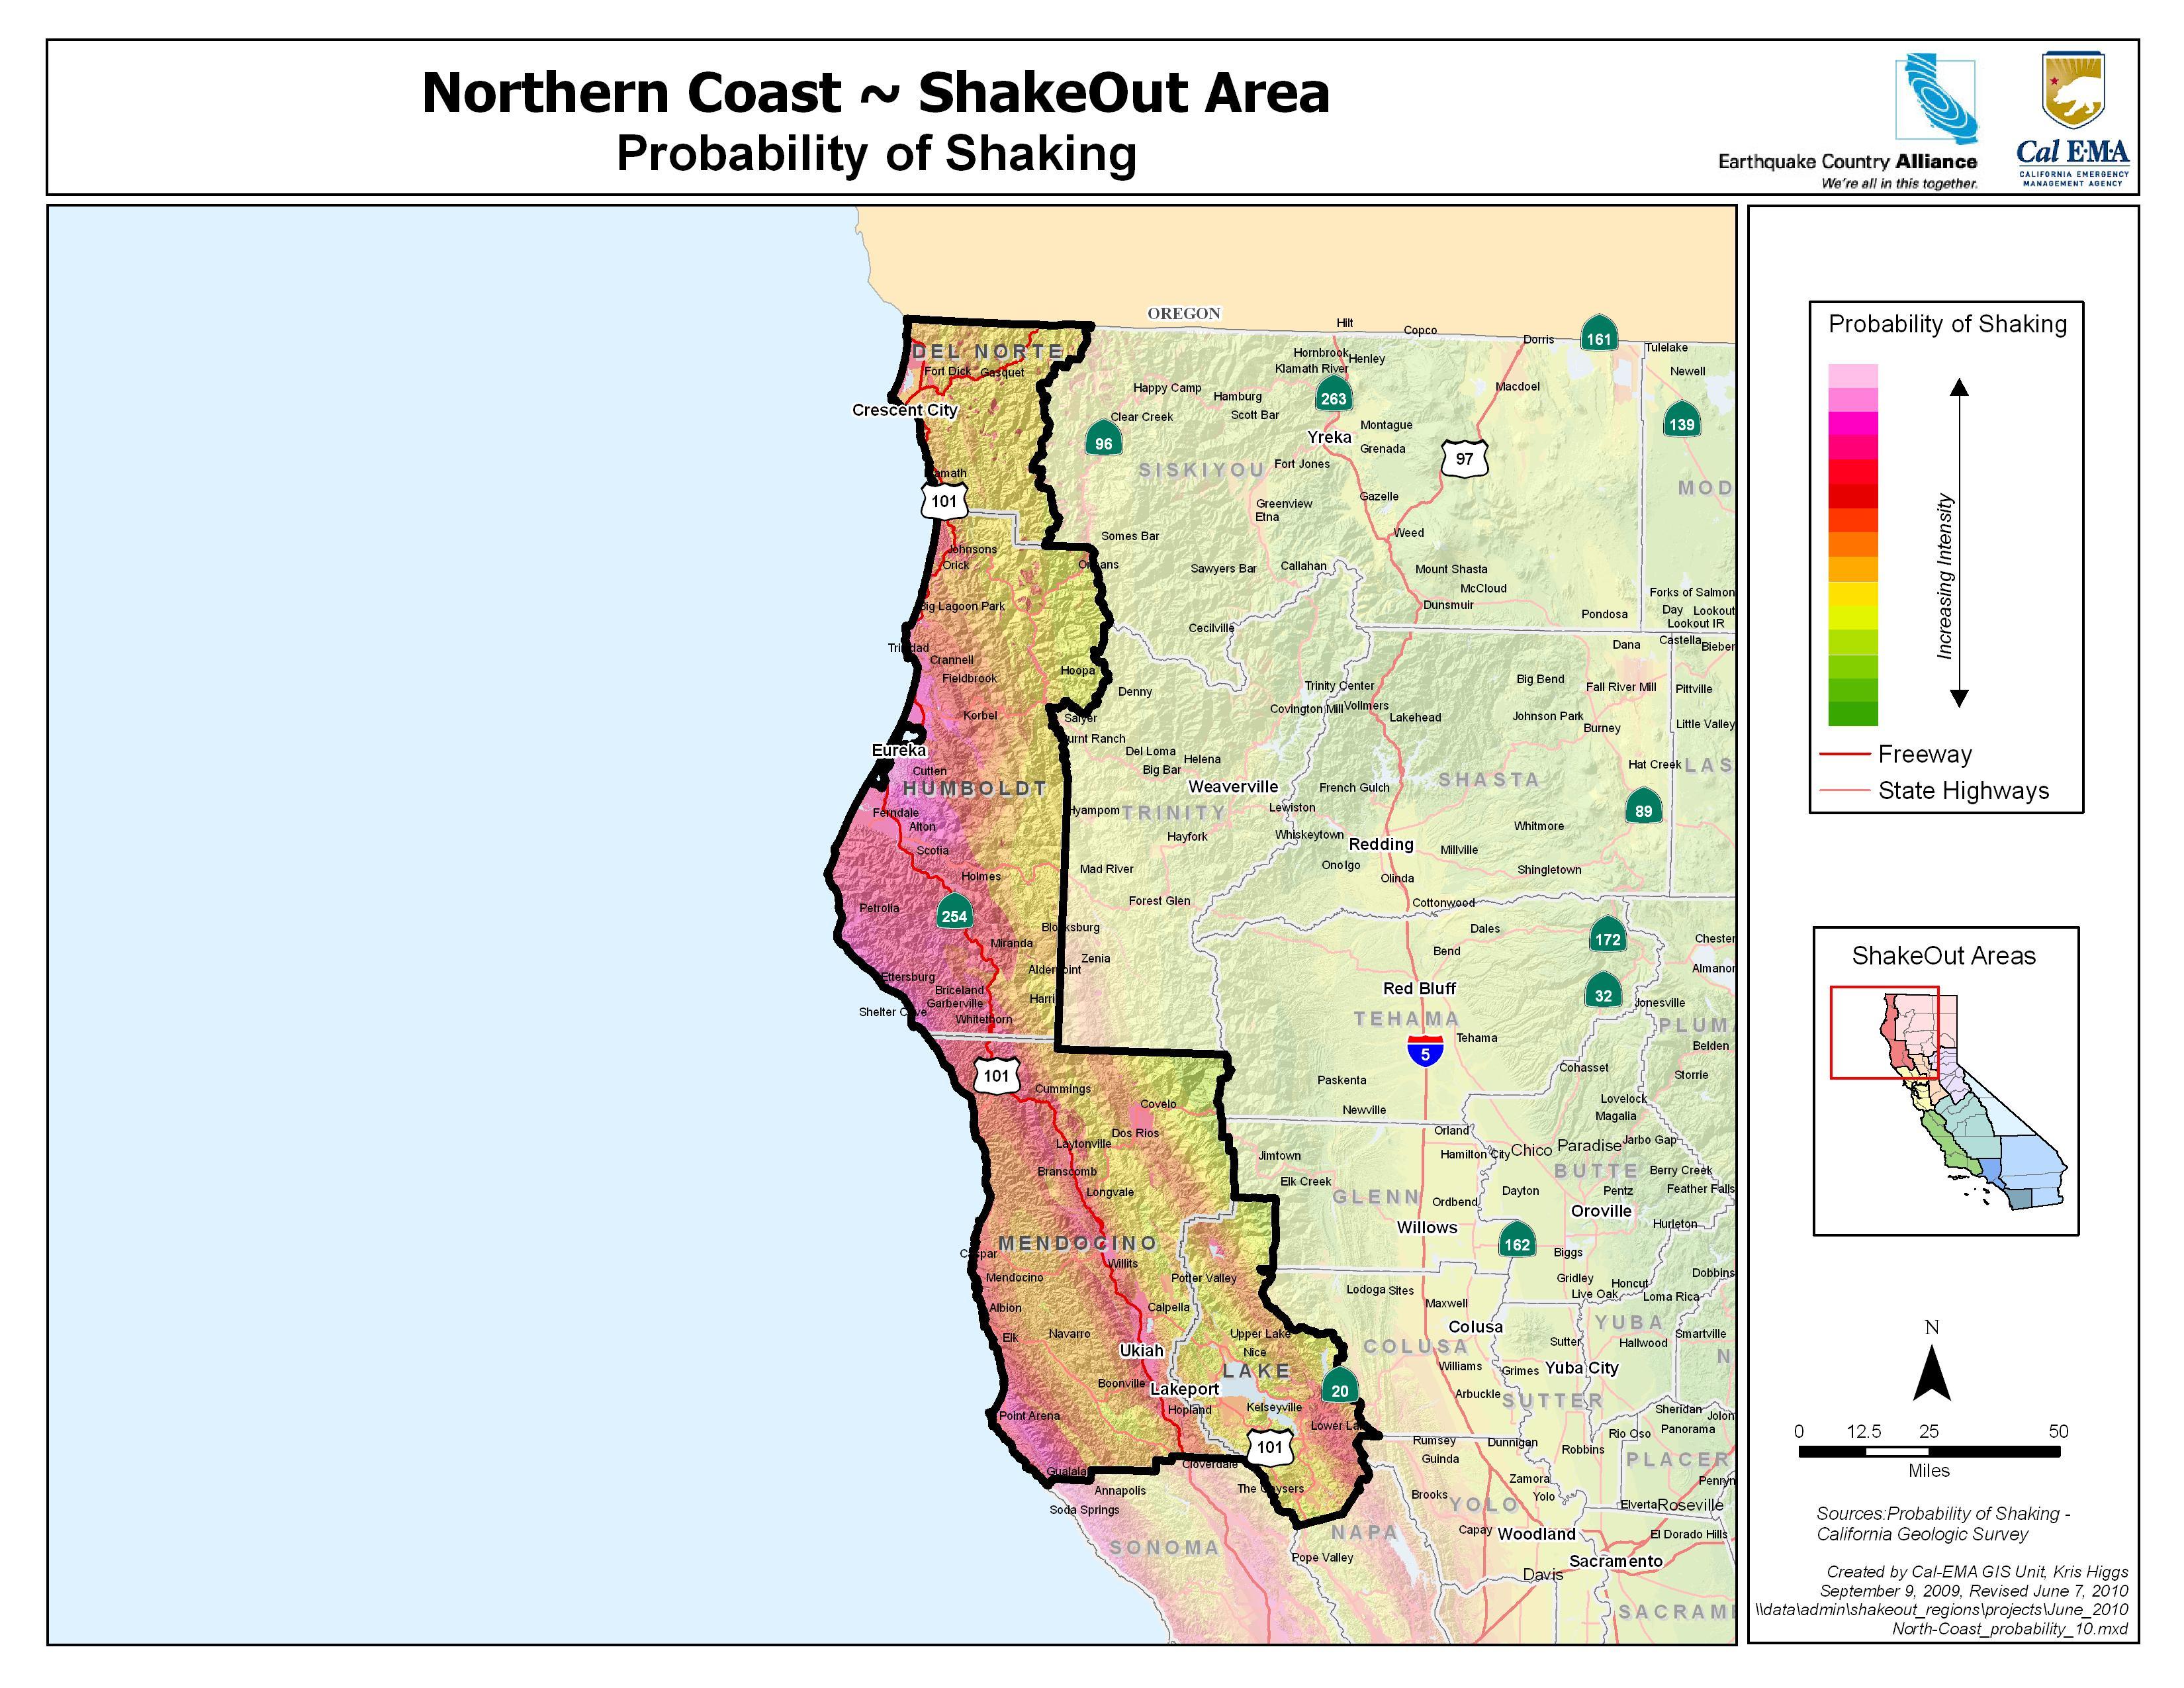 Earthquake San Diego >> The Great California ShakeOut - North Coast area